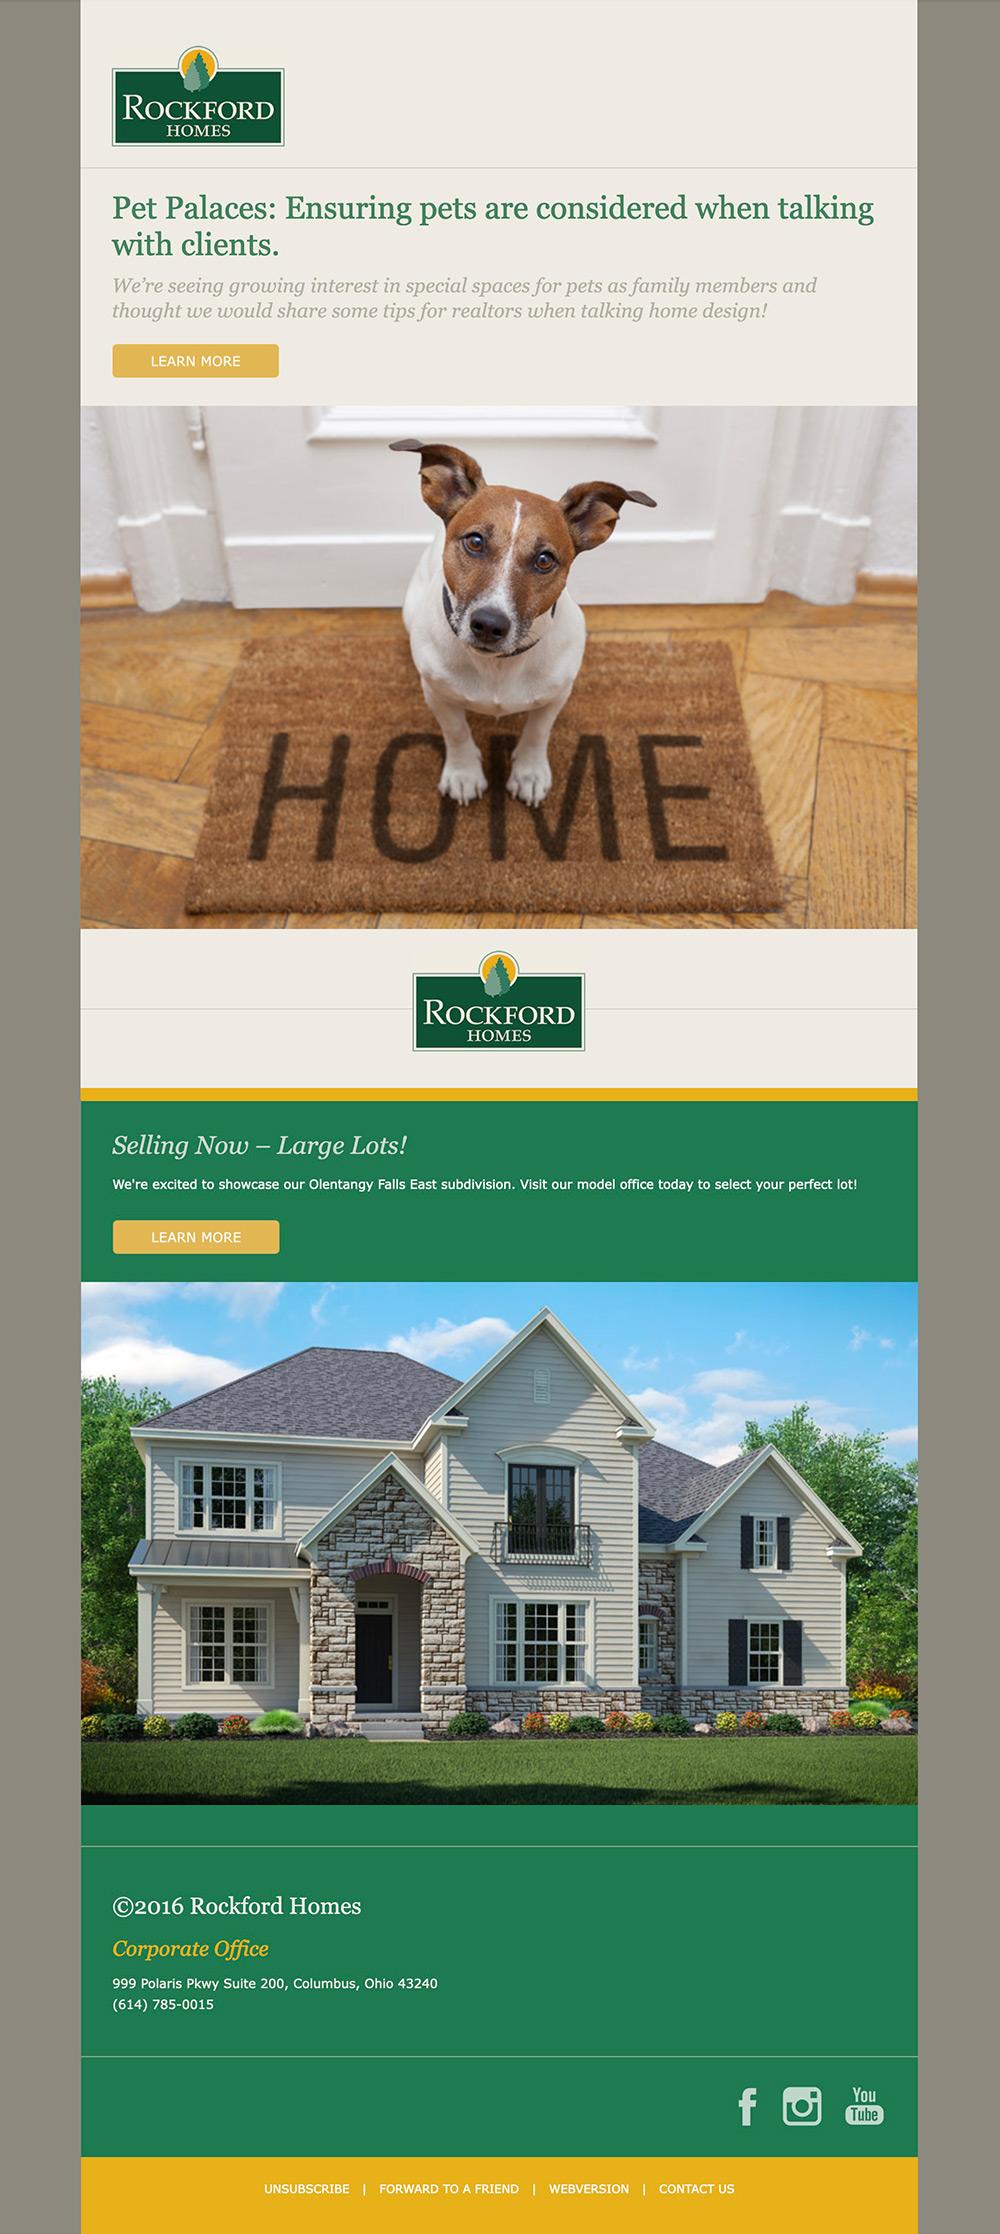 screenshot of Rockford Homes e-newsletter